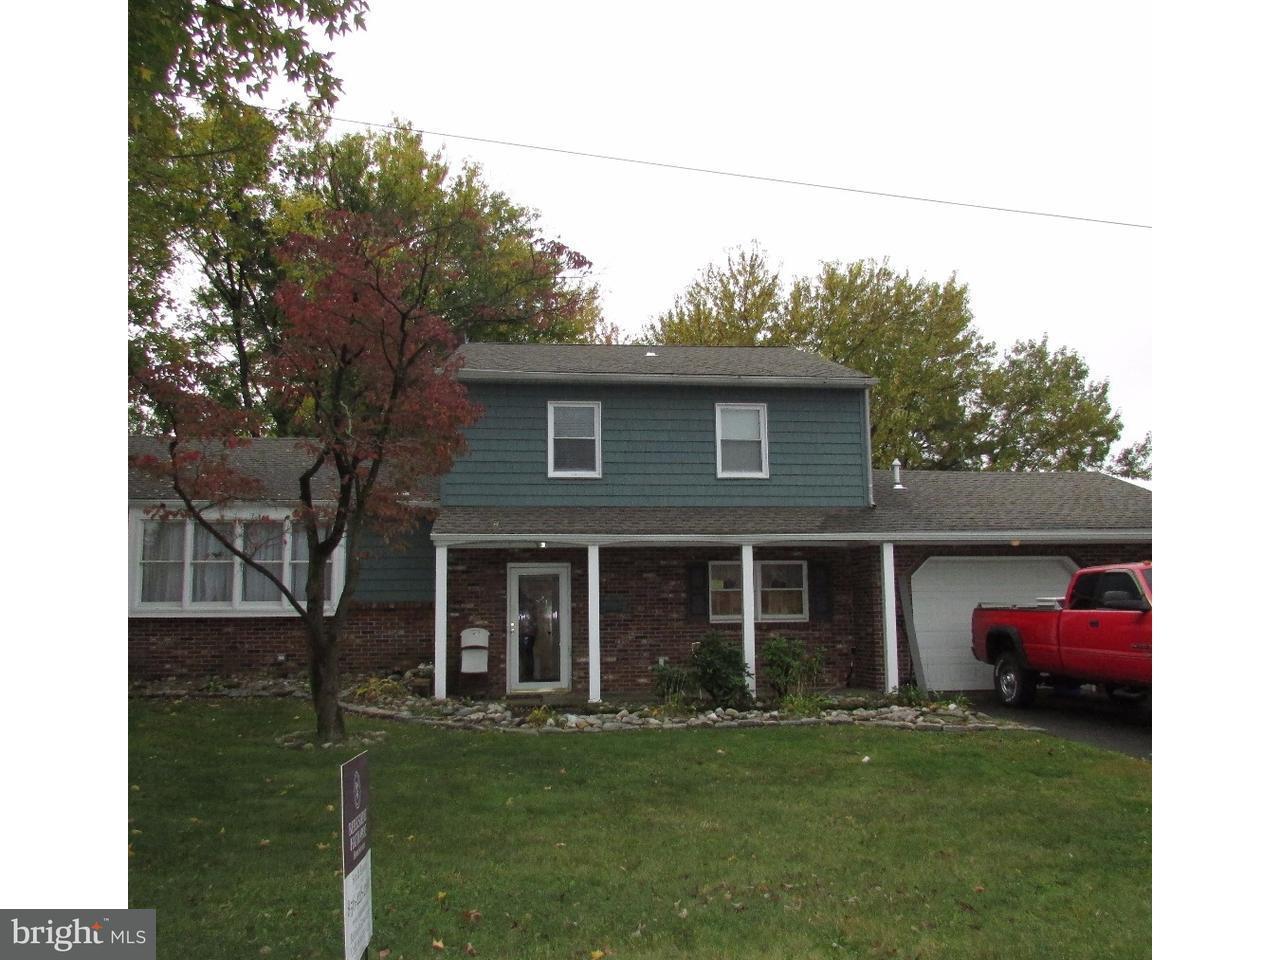 Nhà ở một gia đình vì Bán tại 110 TIMBER BLVD Brooklawn, New Jersey 08030 Hoa Kỳ